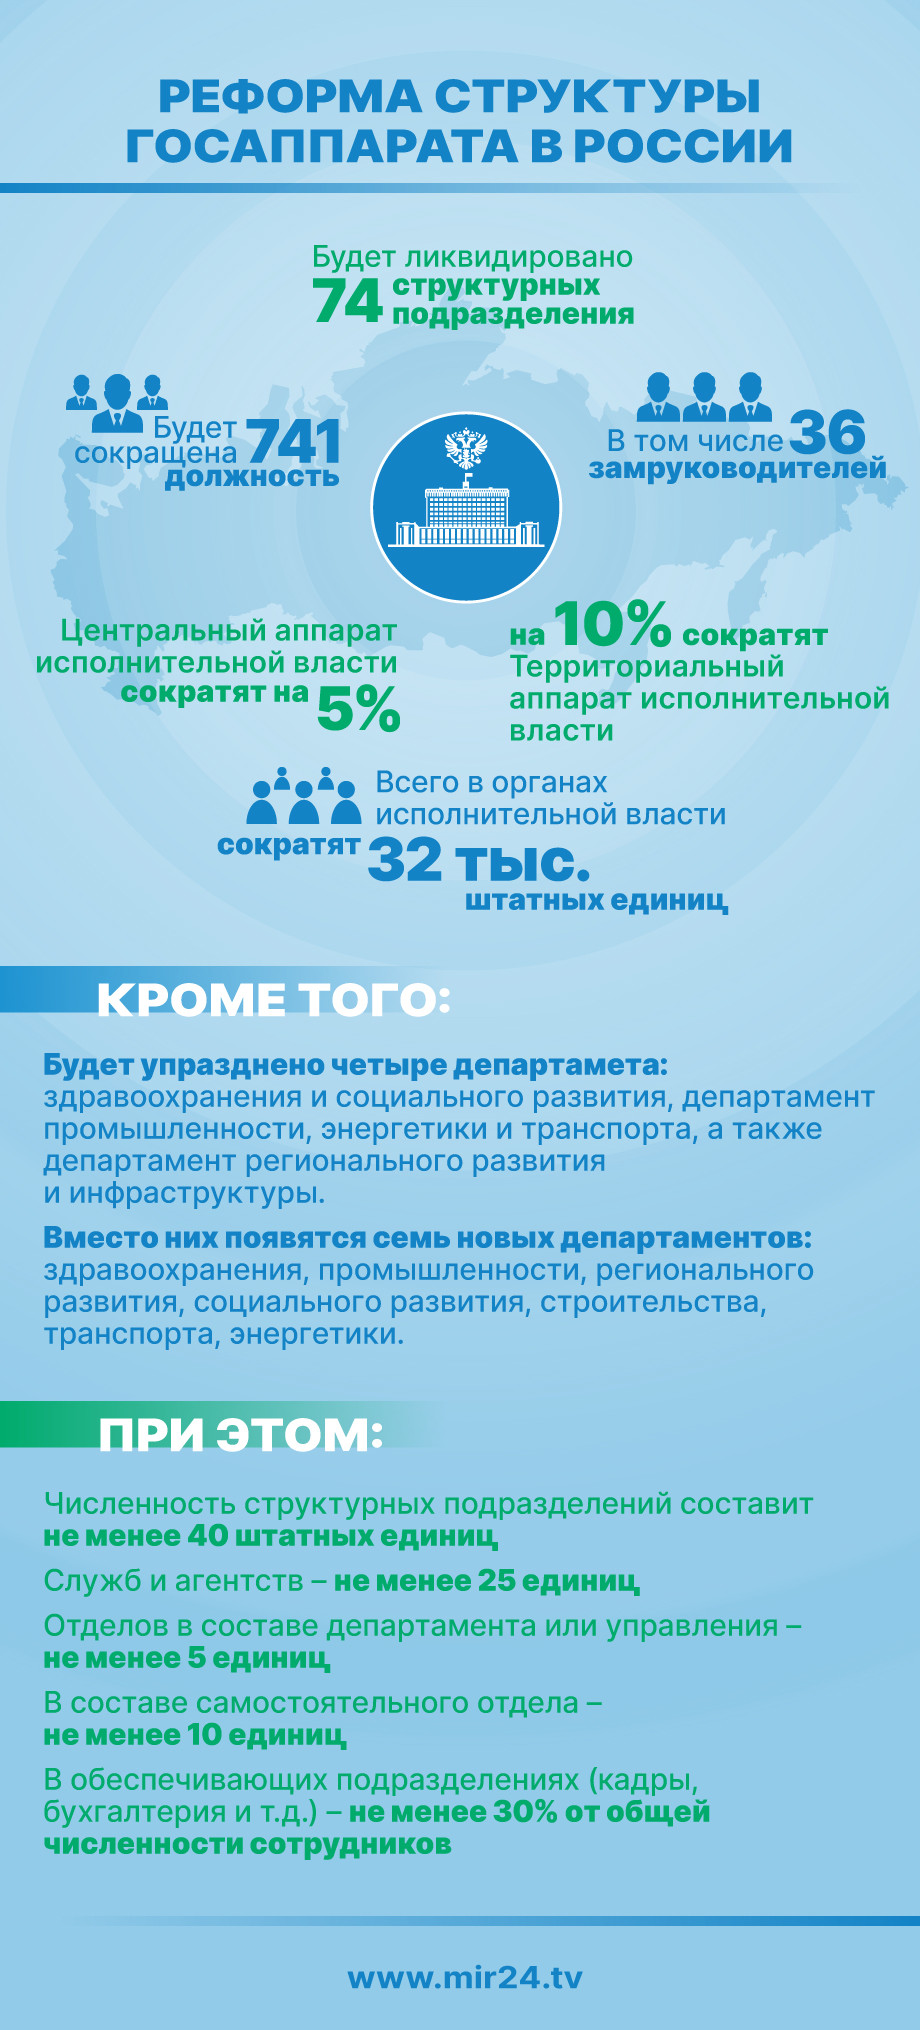 Реформа структуры госаппарата в России (ИНФОГРАФИКА)